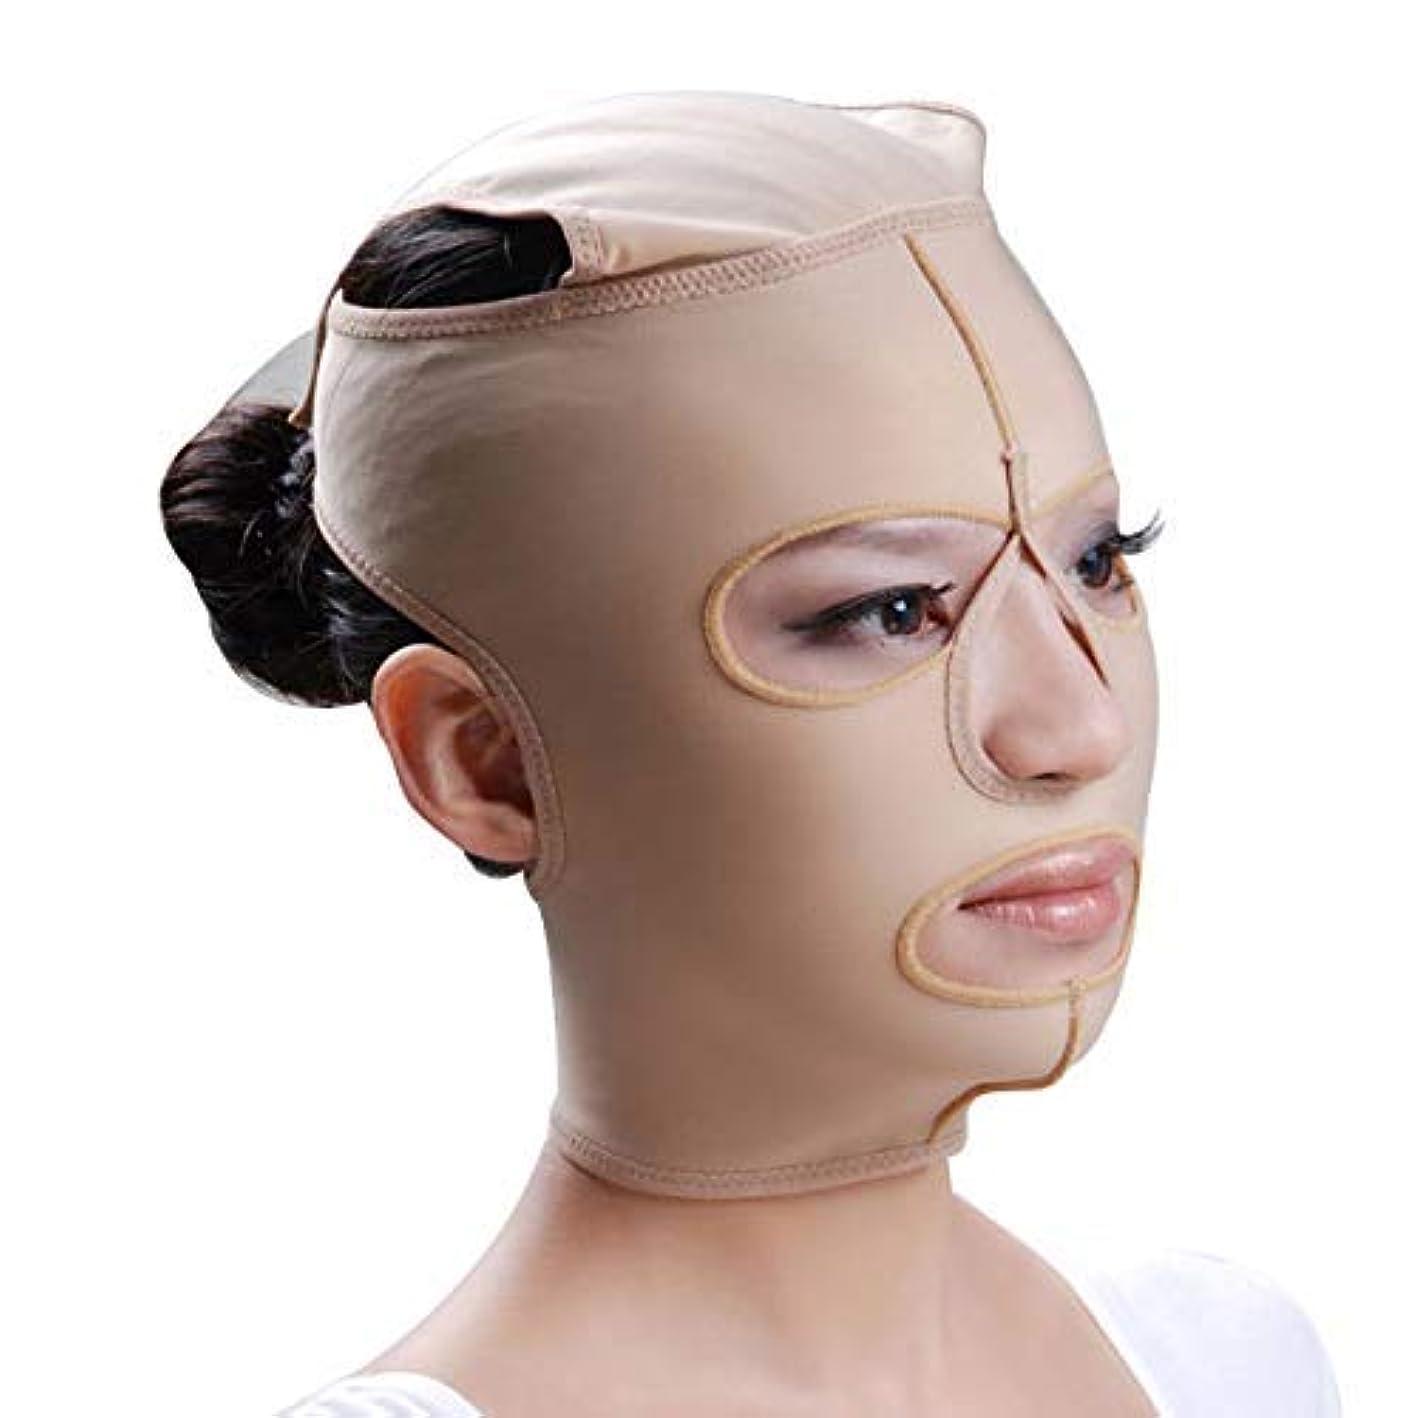 概してコンセンサス紳士ファーミングフェイスマスク、フェイシャルマスクエラスティックフェイスリフティングリフティングファーミングパターンマイクロフィニッシングポストモデリングコンプレッションフェイスマスク(サイズ:S),L